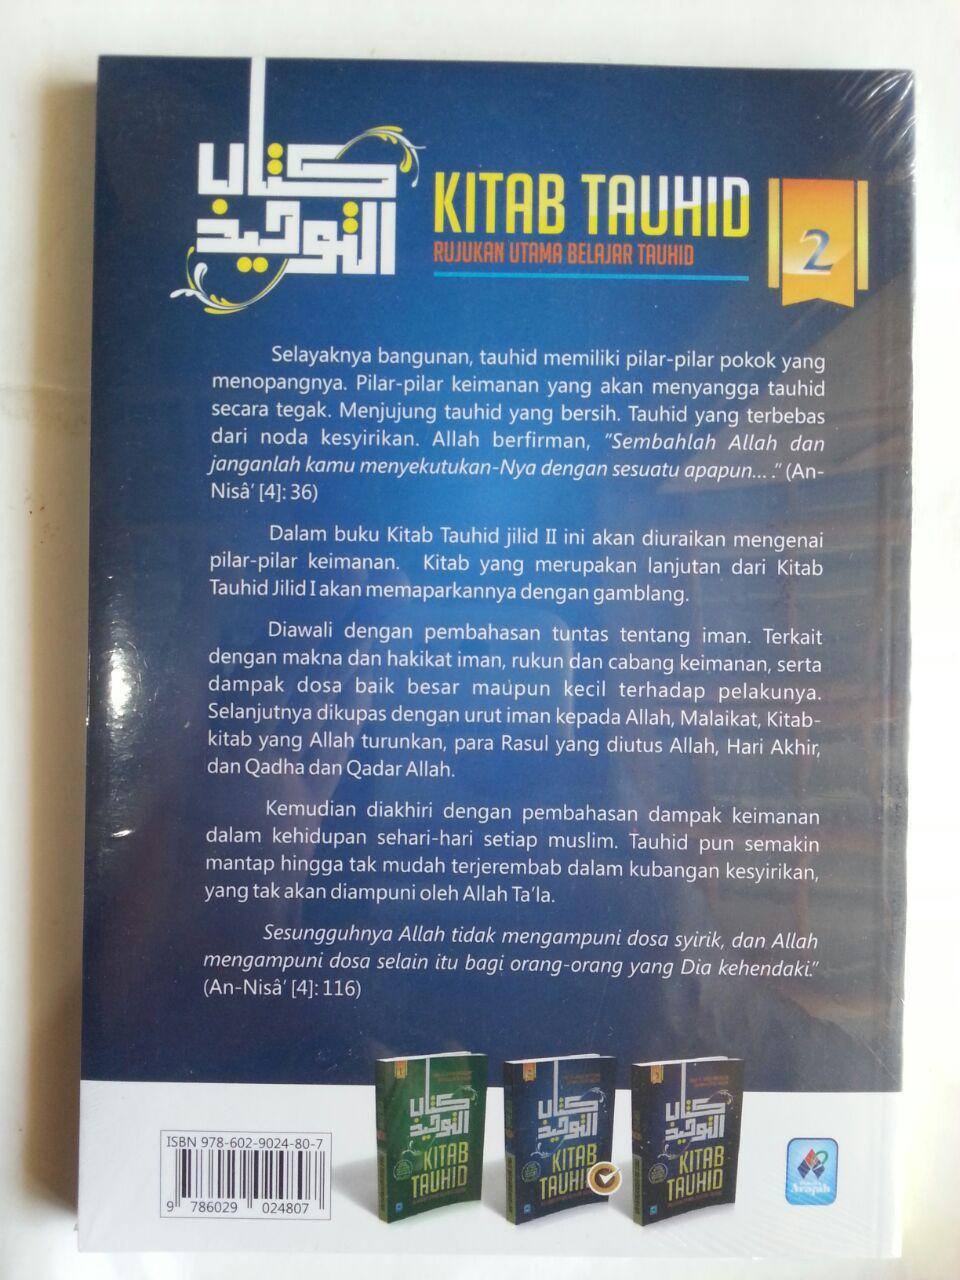 Buku Kitab Tauhid Rujukan Utama Belajar Tauhid 1 Set 3 Jilid cover 3